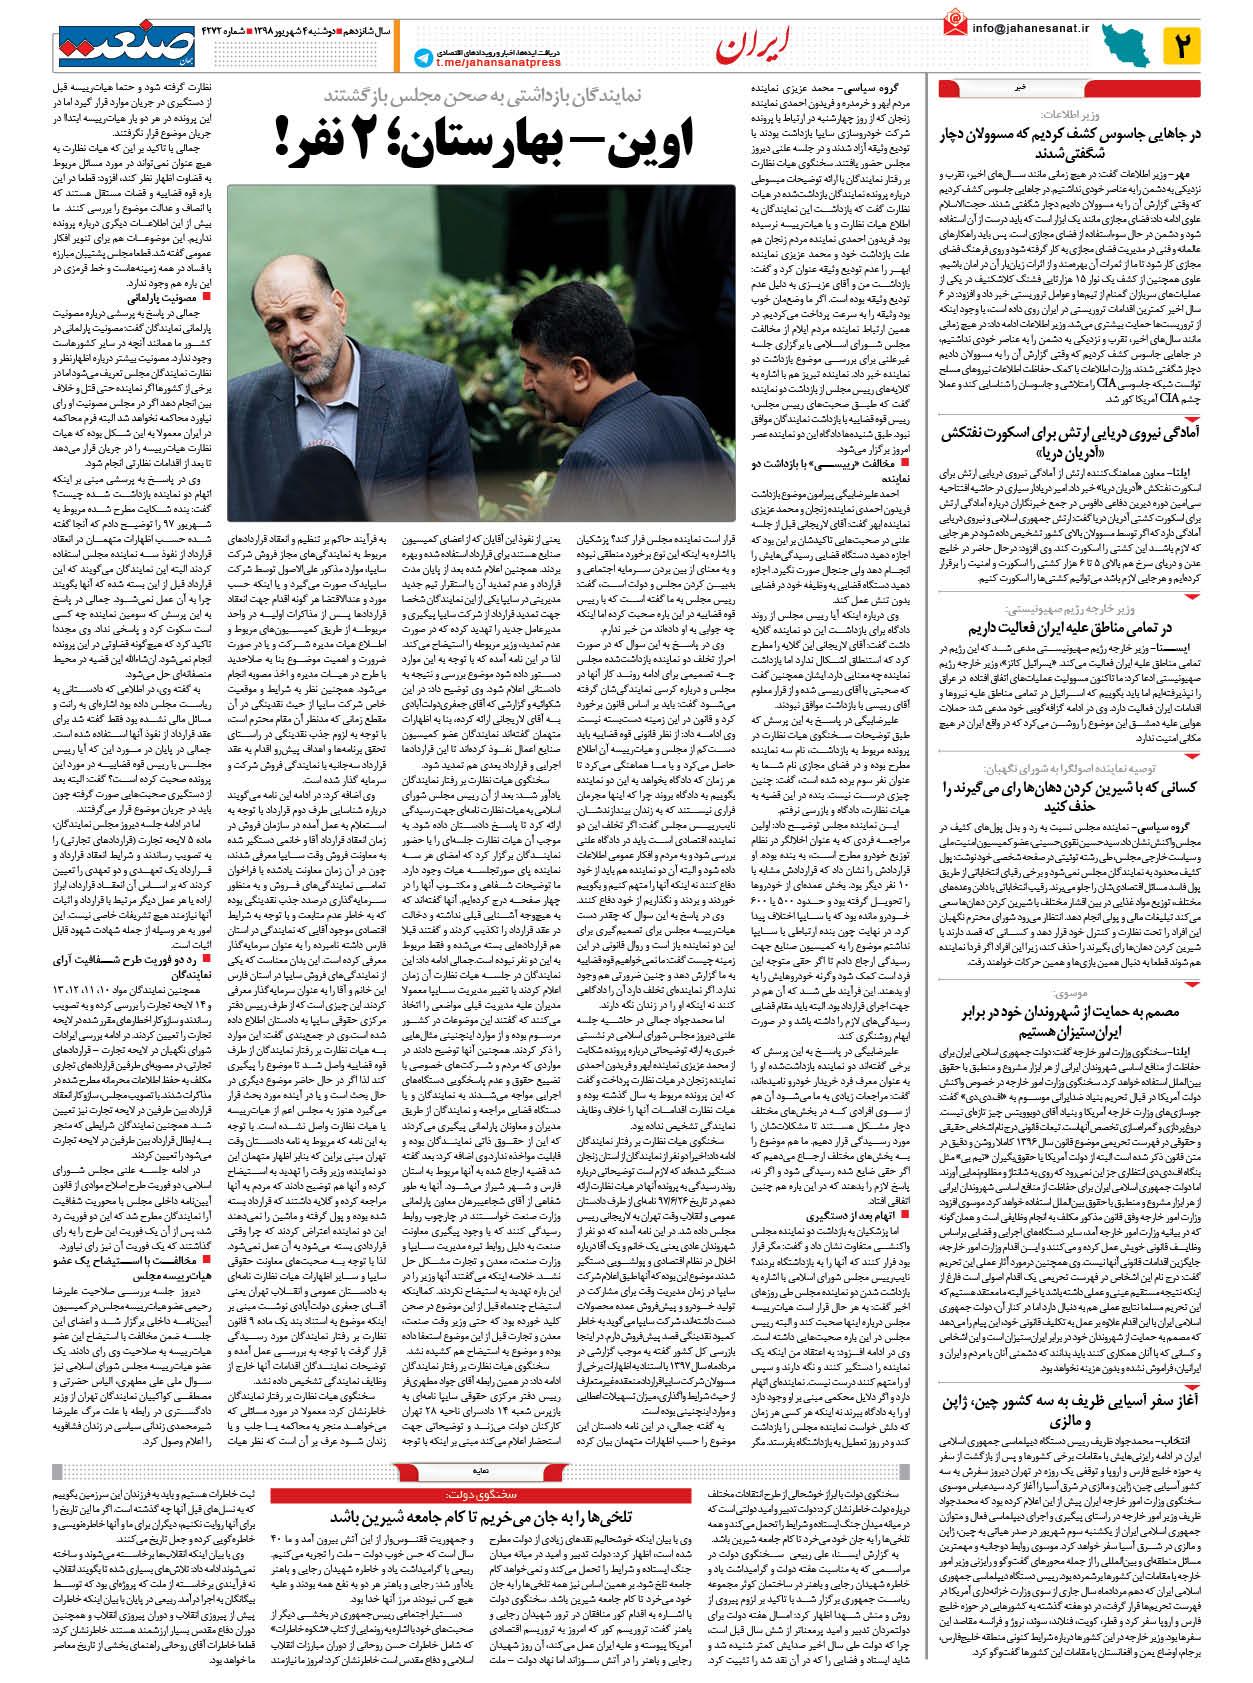 صفحه ۰۲ – ۰۴ شهریور ۱۳۹۸